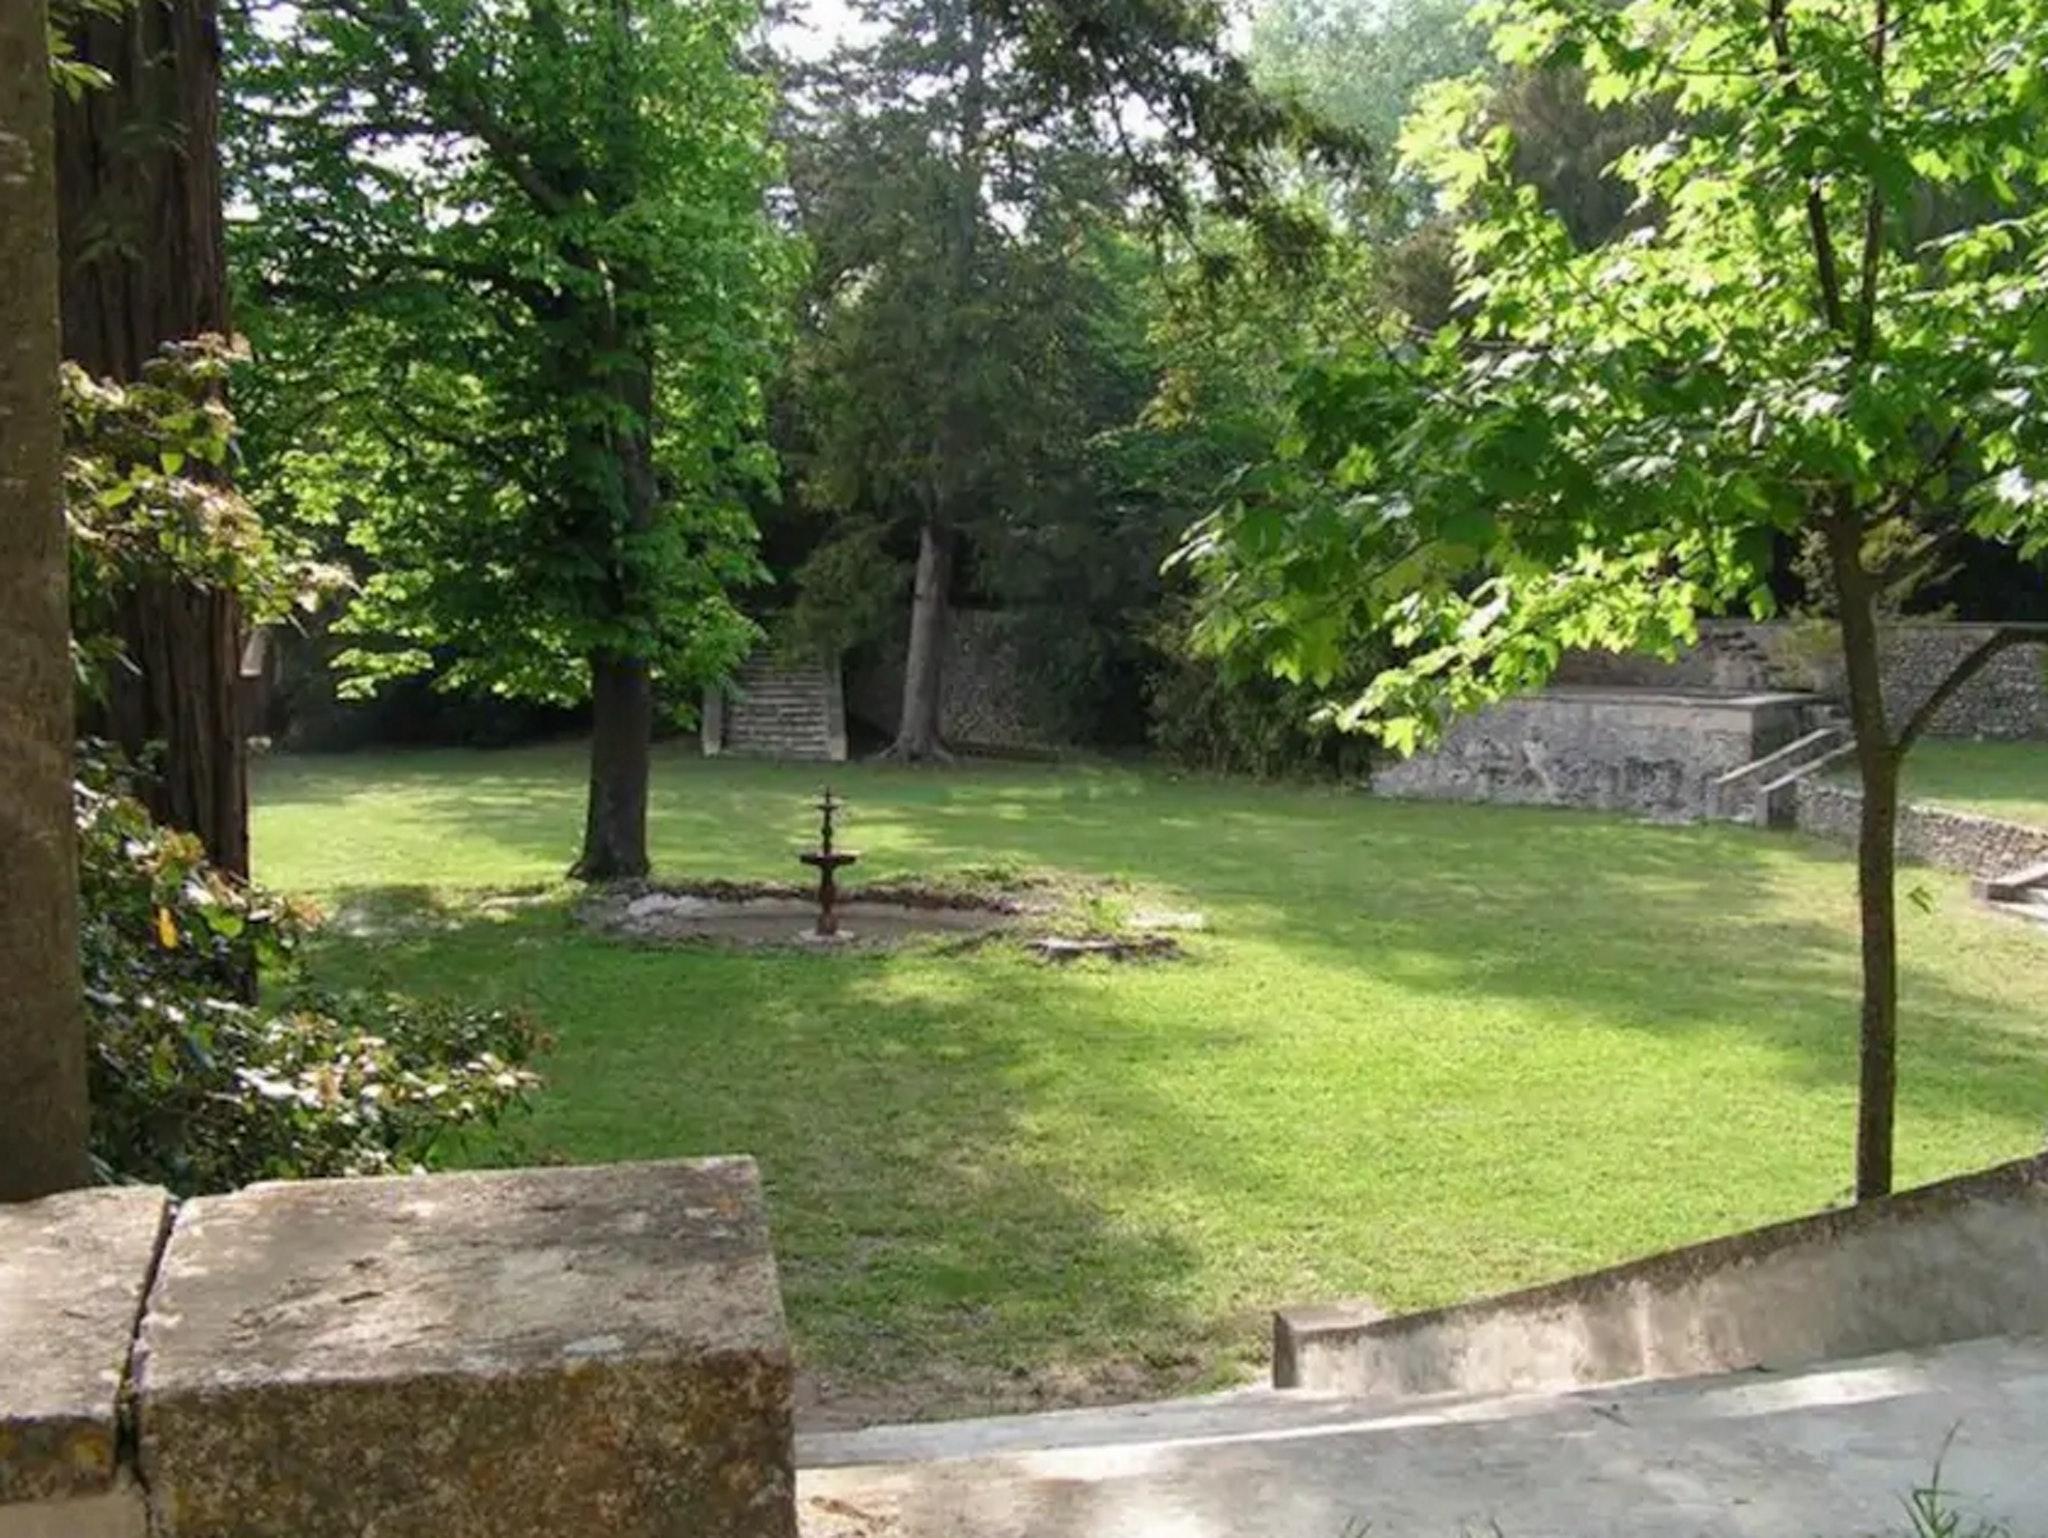 Maison de vacances Villa mit 6 Schlafzimmern in L'Isle-sur-la-Sorgue mit privatem Pool, möbliertem Garten und (2647203), L'Isle sur la Sorgue, Vaucluse, Provence - Alpes - Côte d'Azur, France, image 53